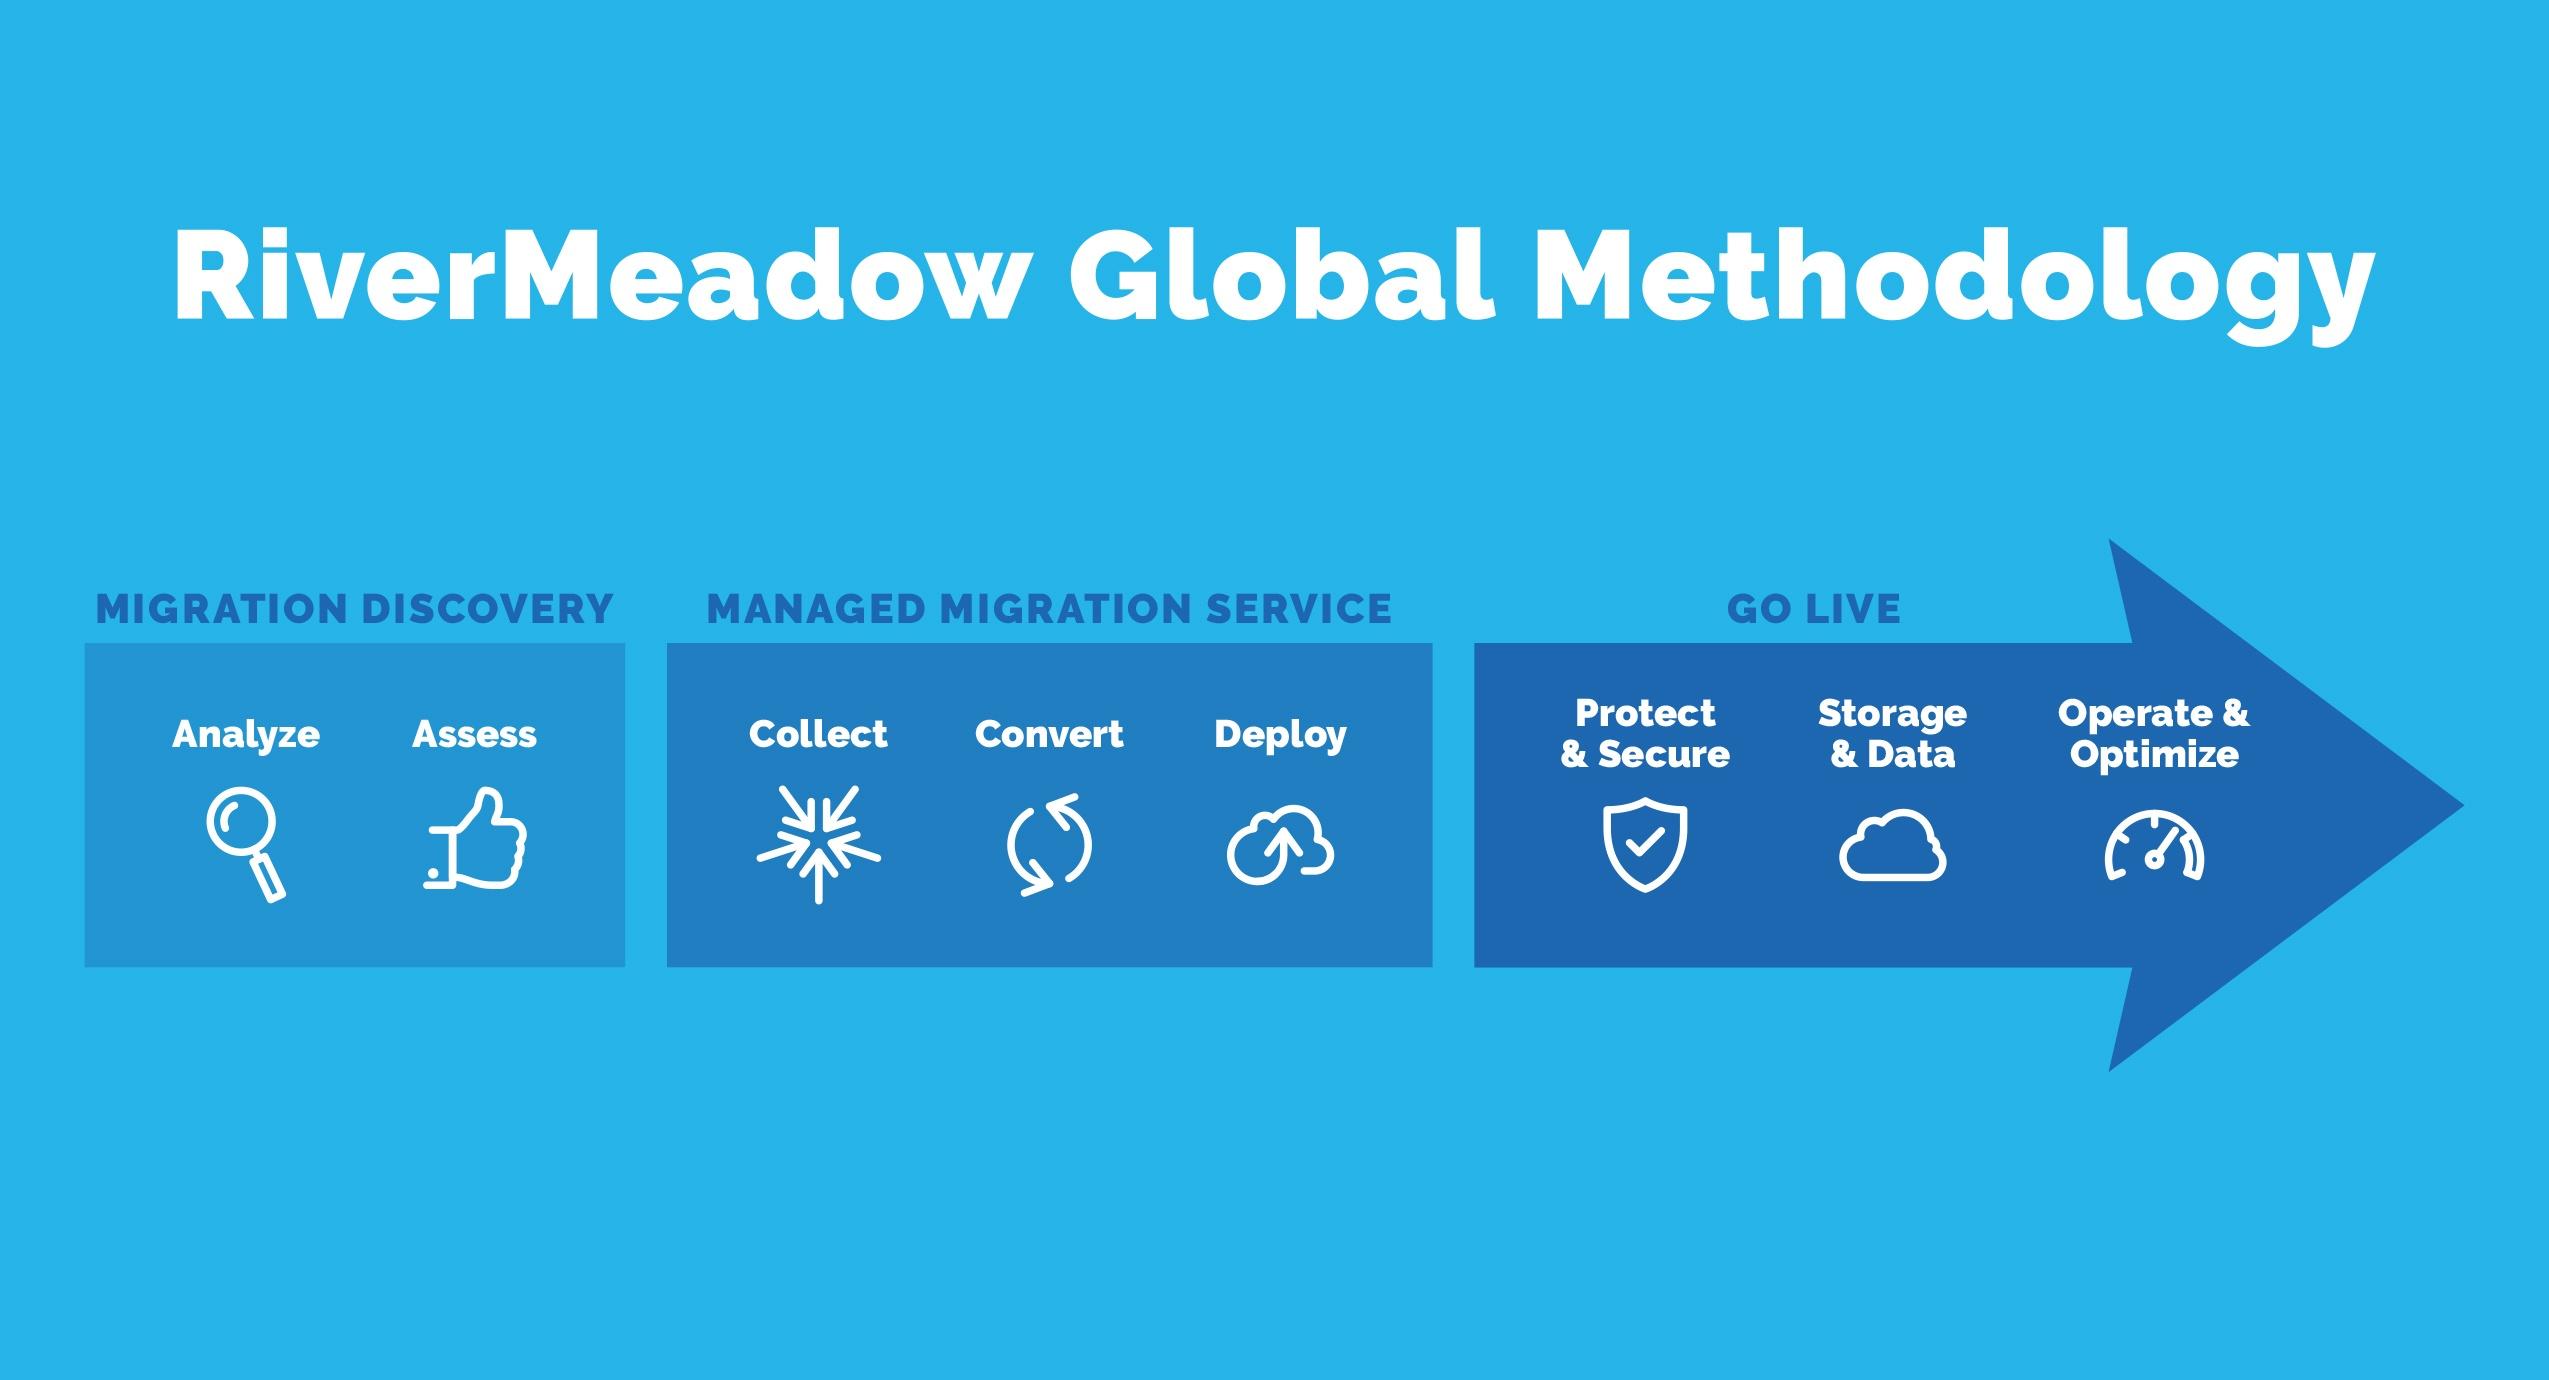 RiverMeadow Methodology.jpg